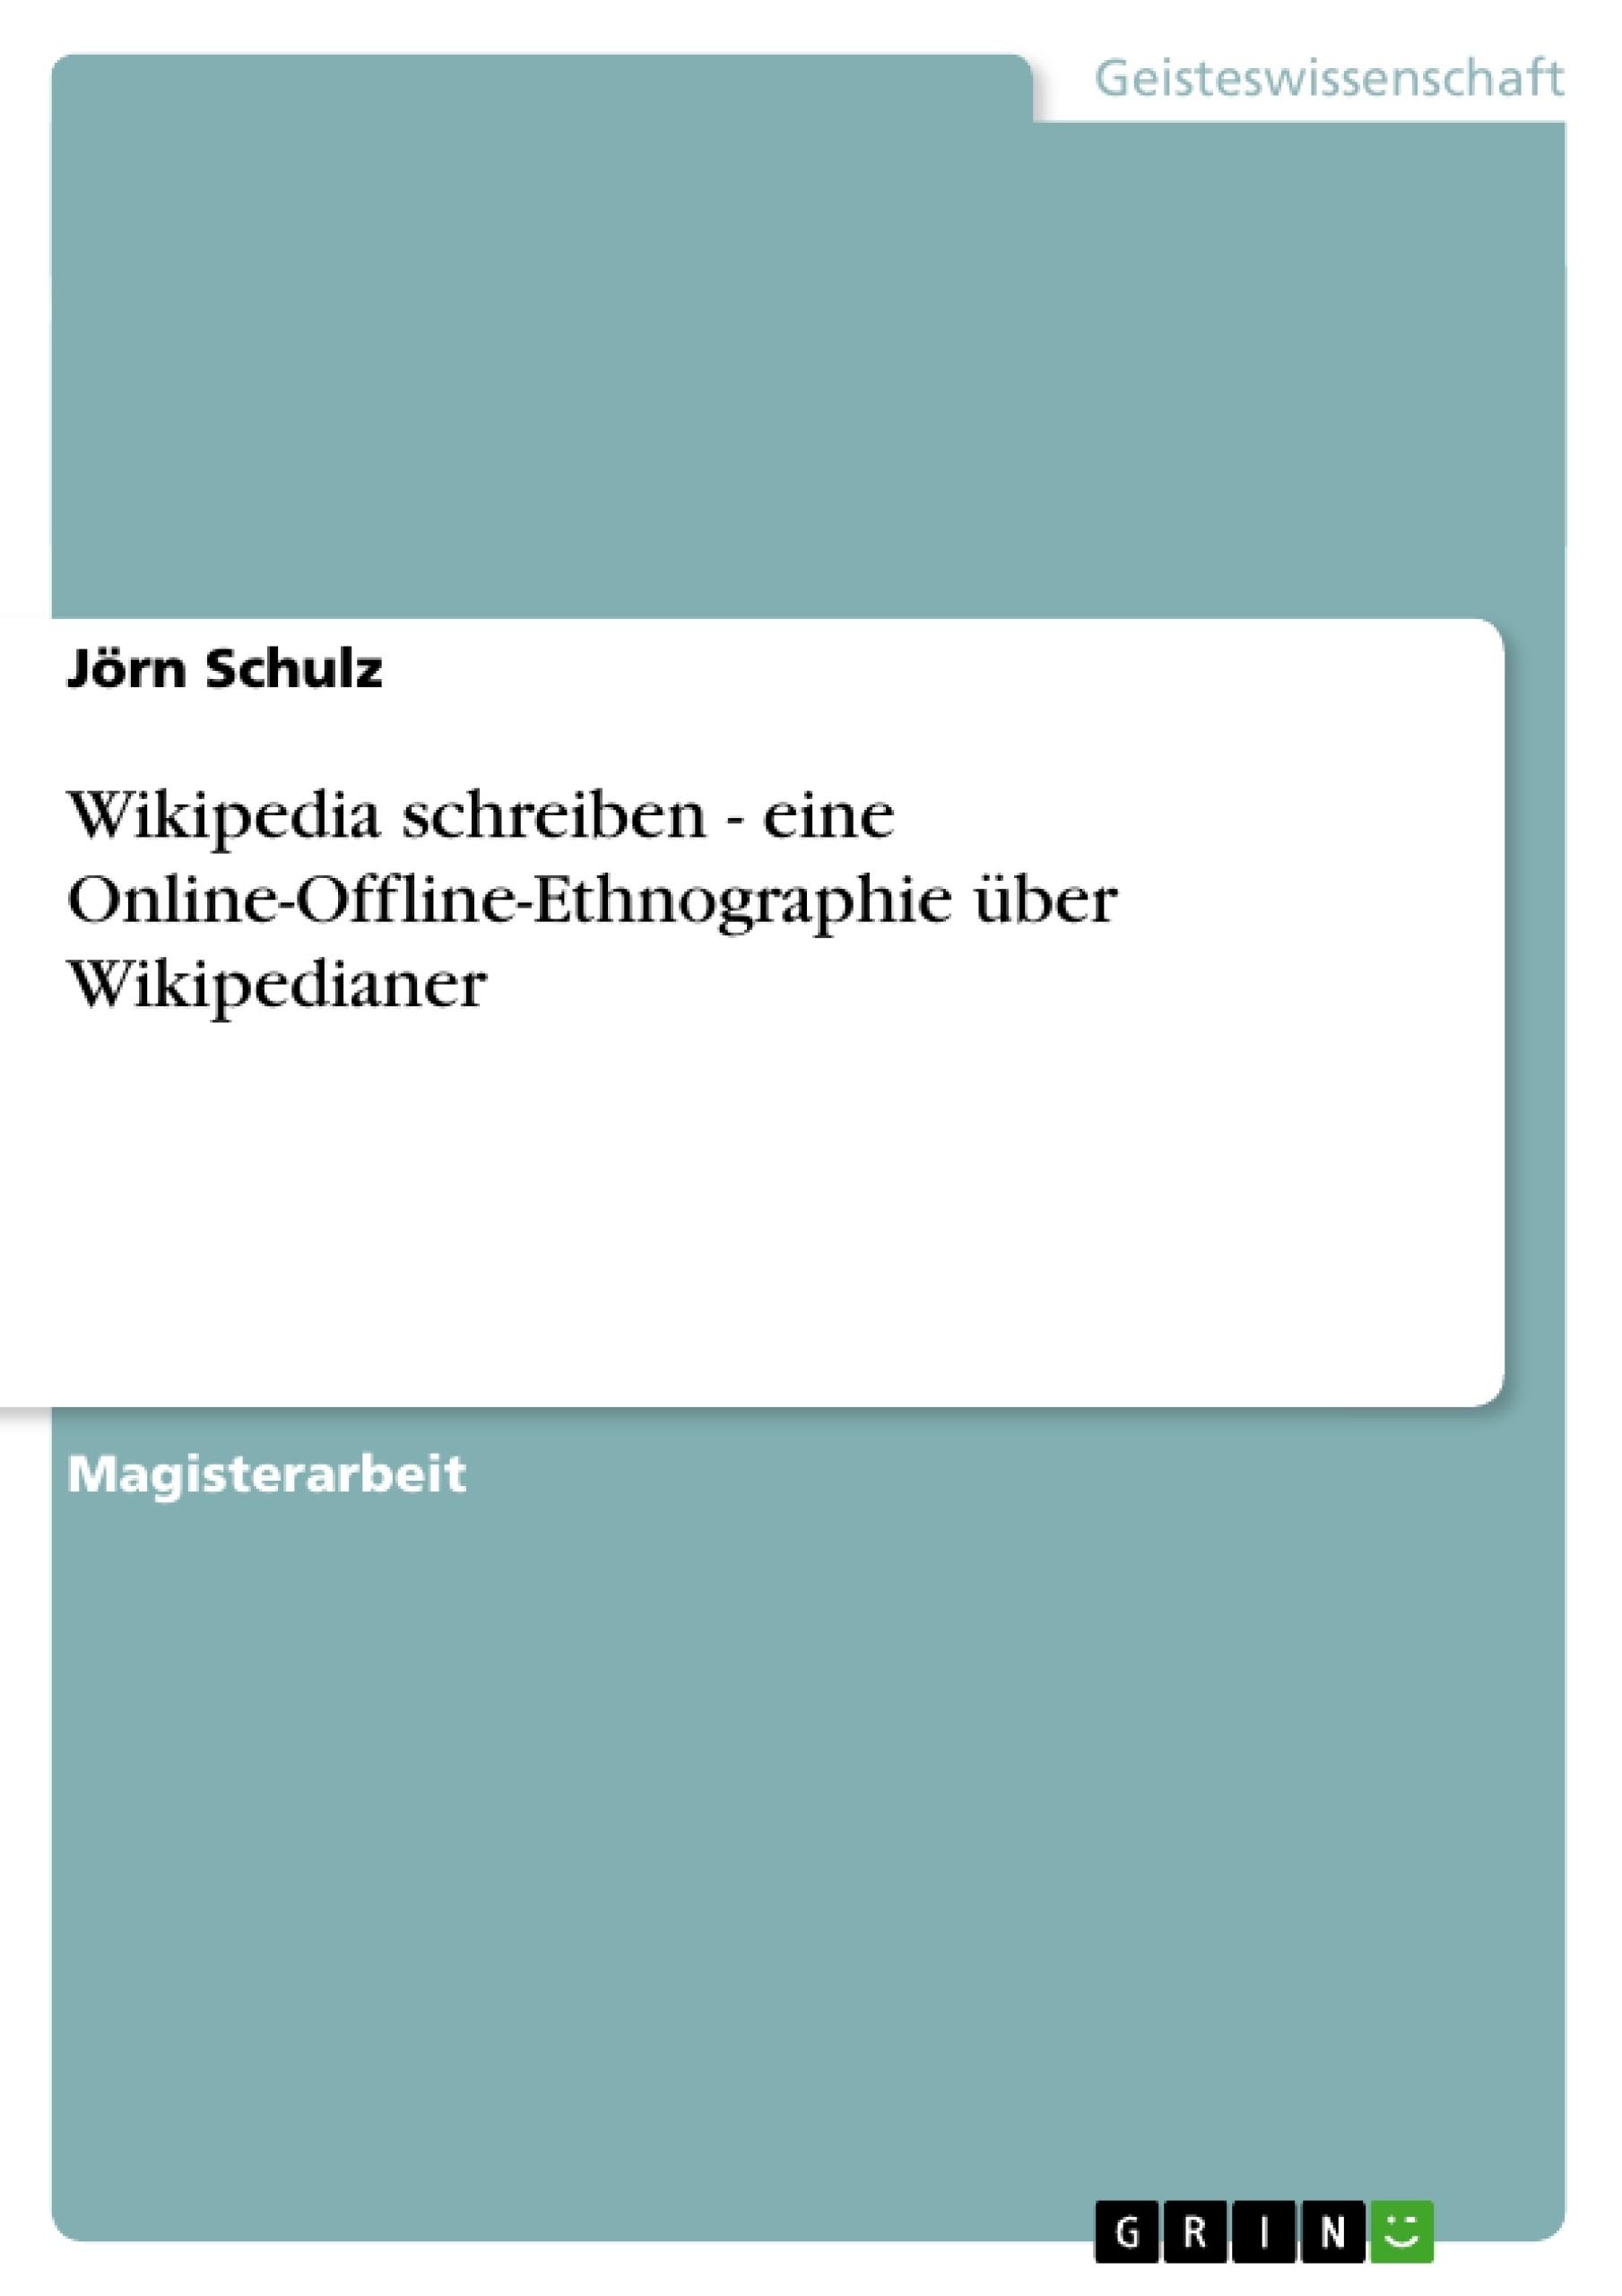 Titel: Wikipedia schreiben - eine Online-Offline-Ethnographie über Wikipedianer